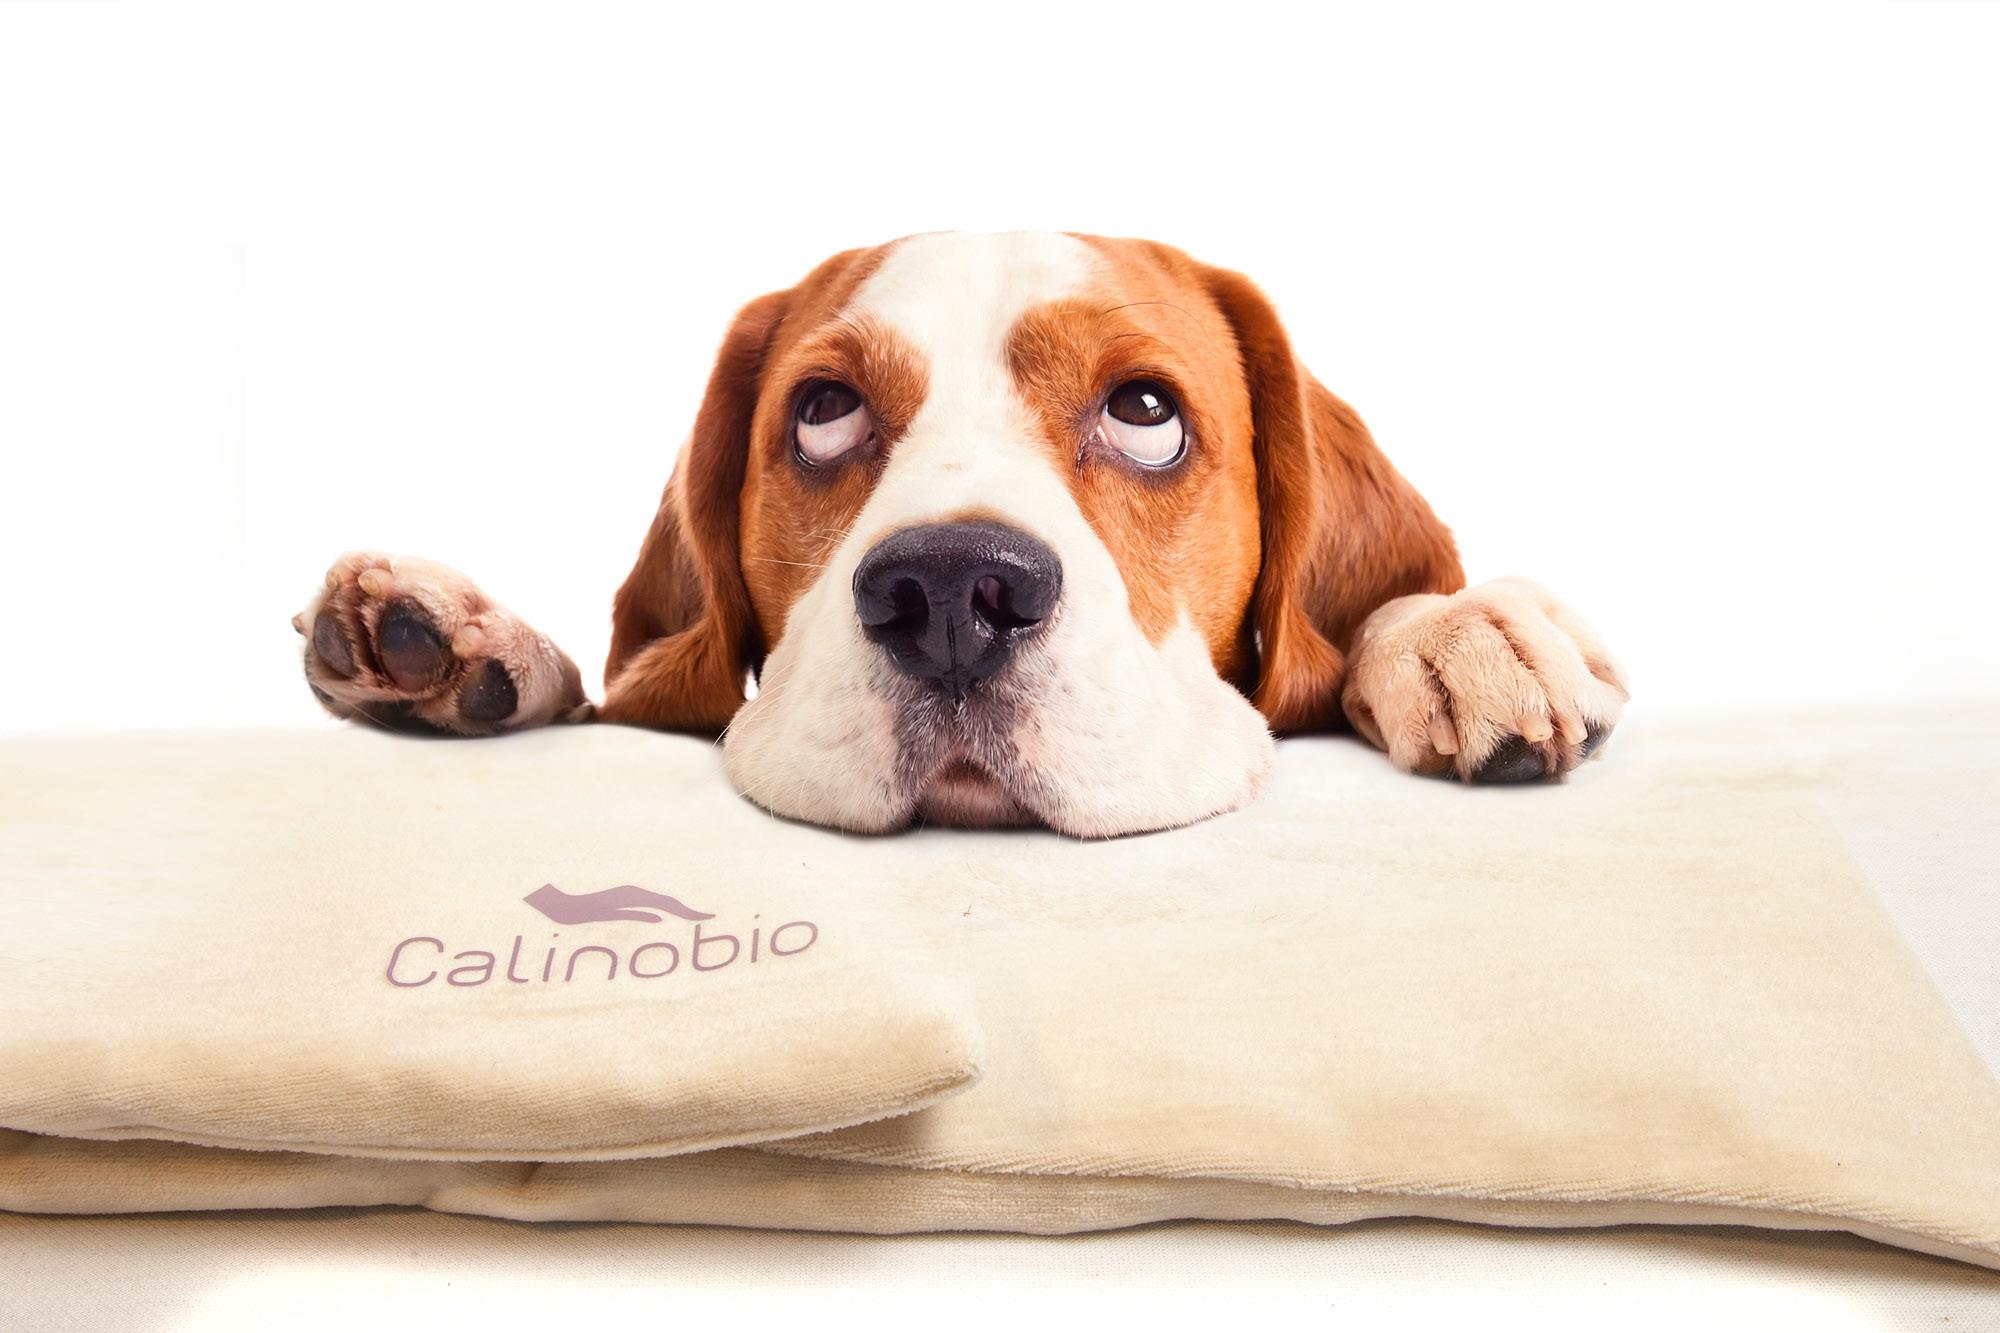 Calinobio, tapis chiens et chats